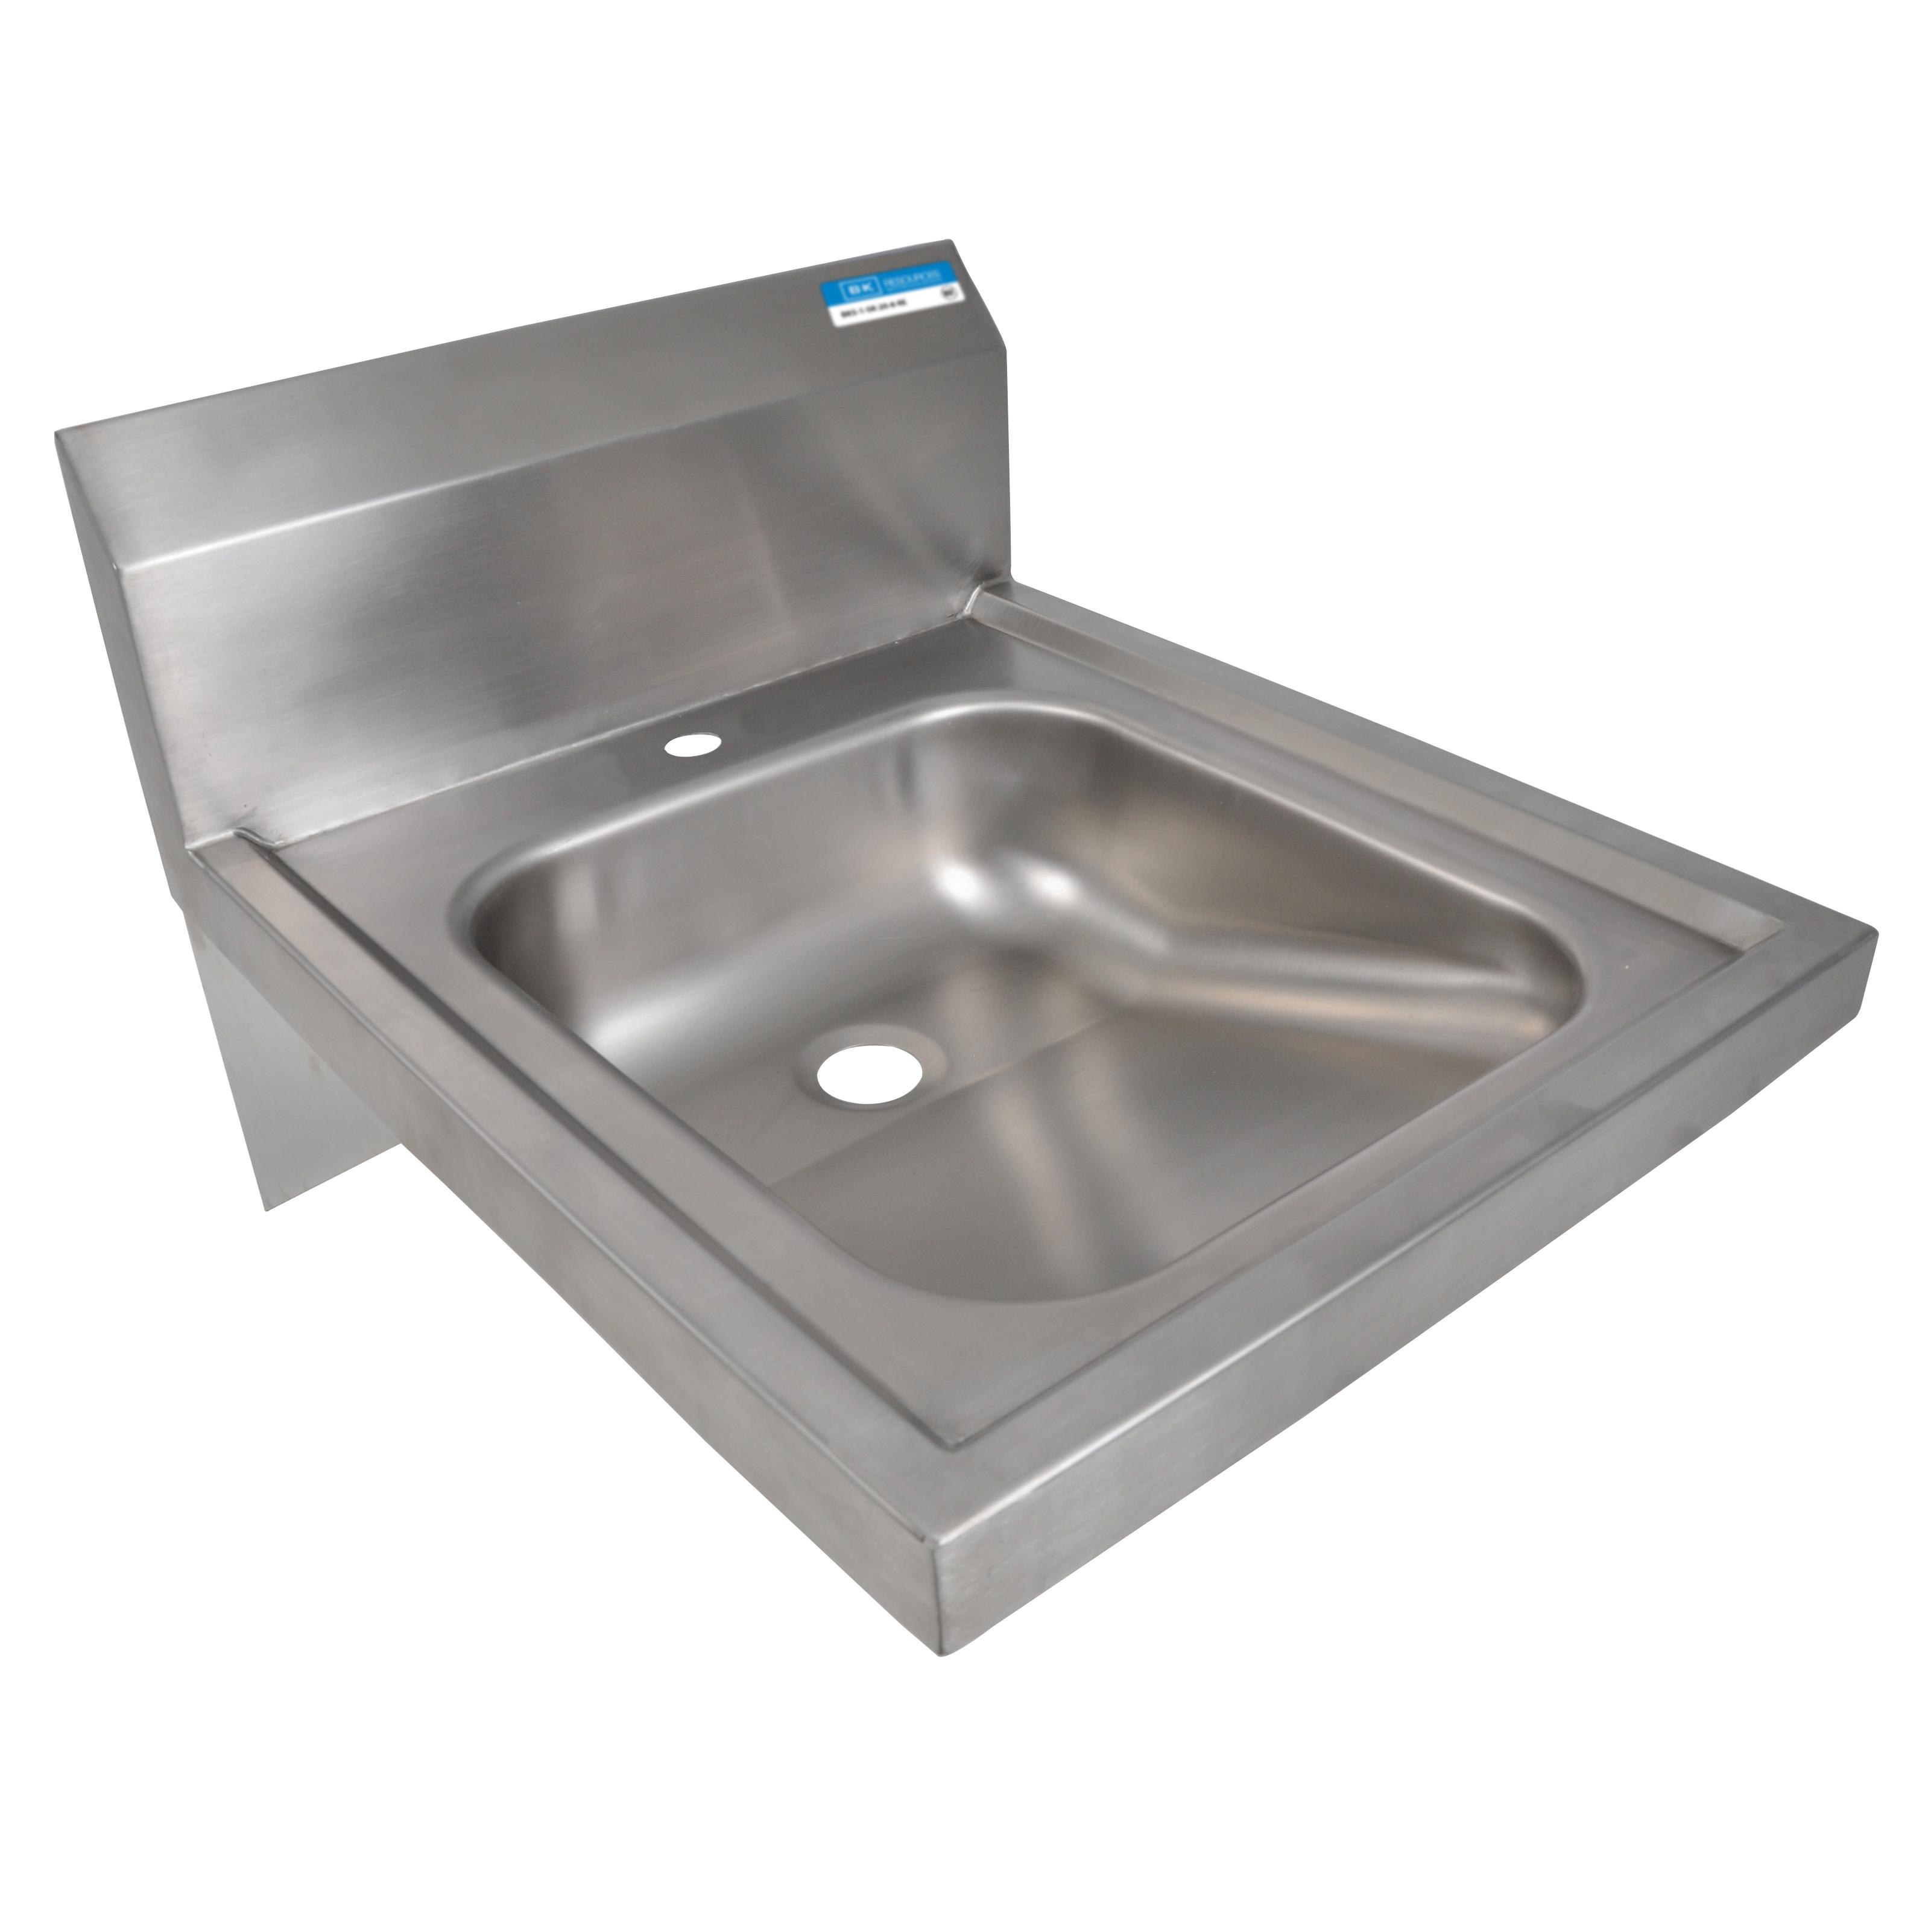 BK Resources BKHS-ADA-D-1 sink, hand